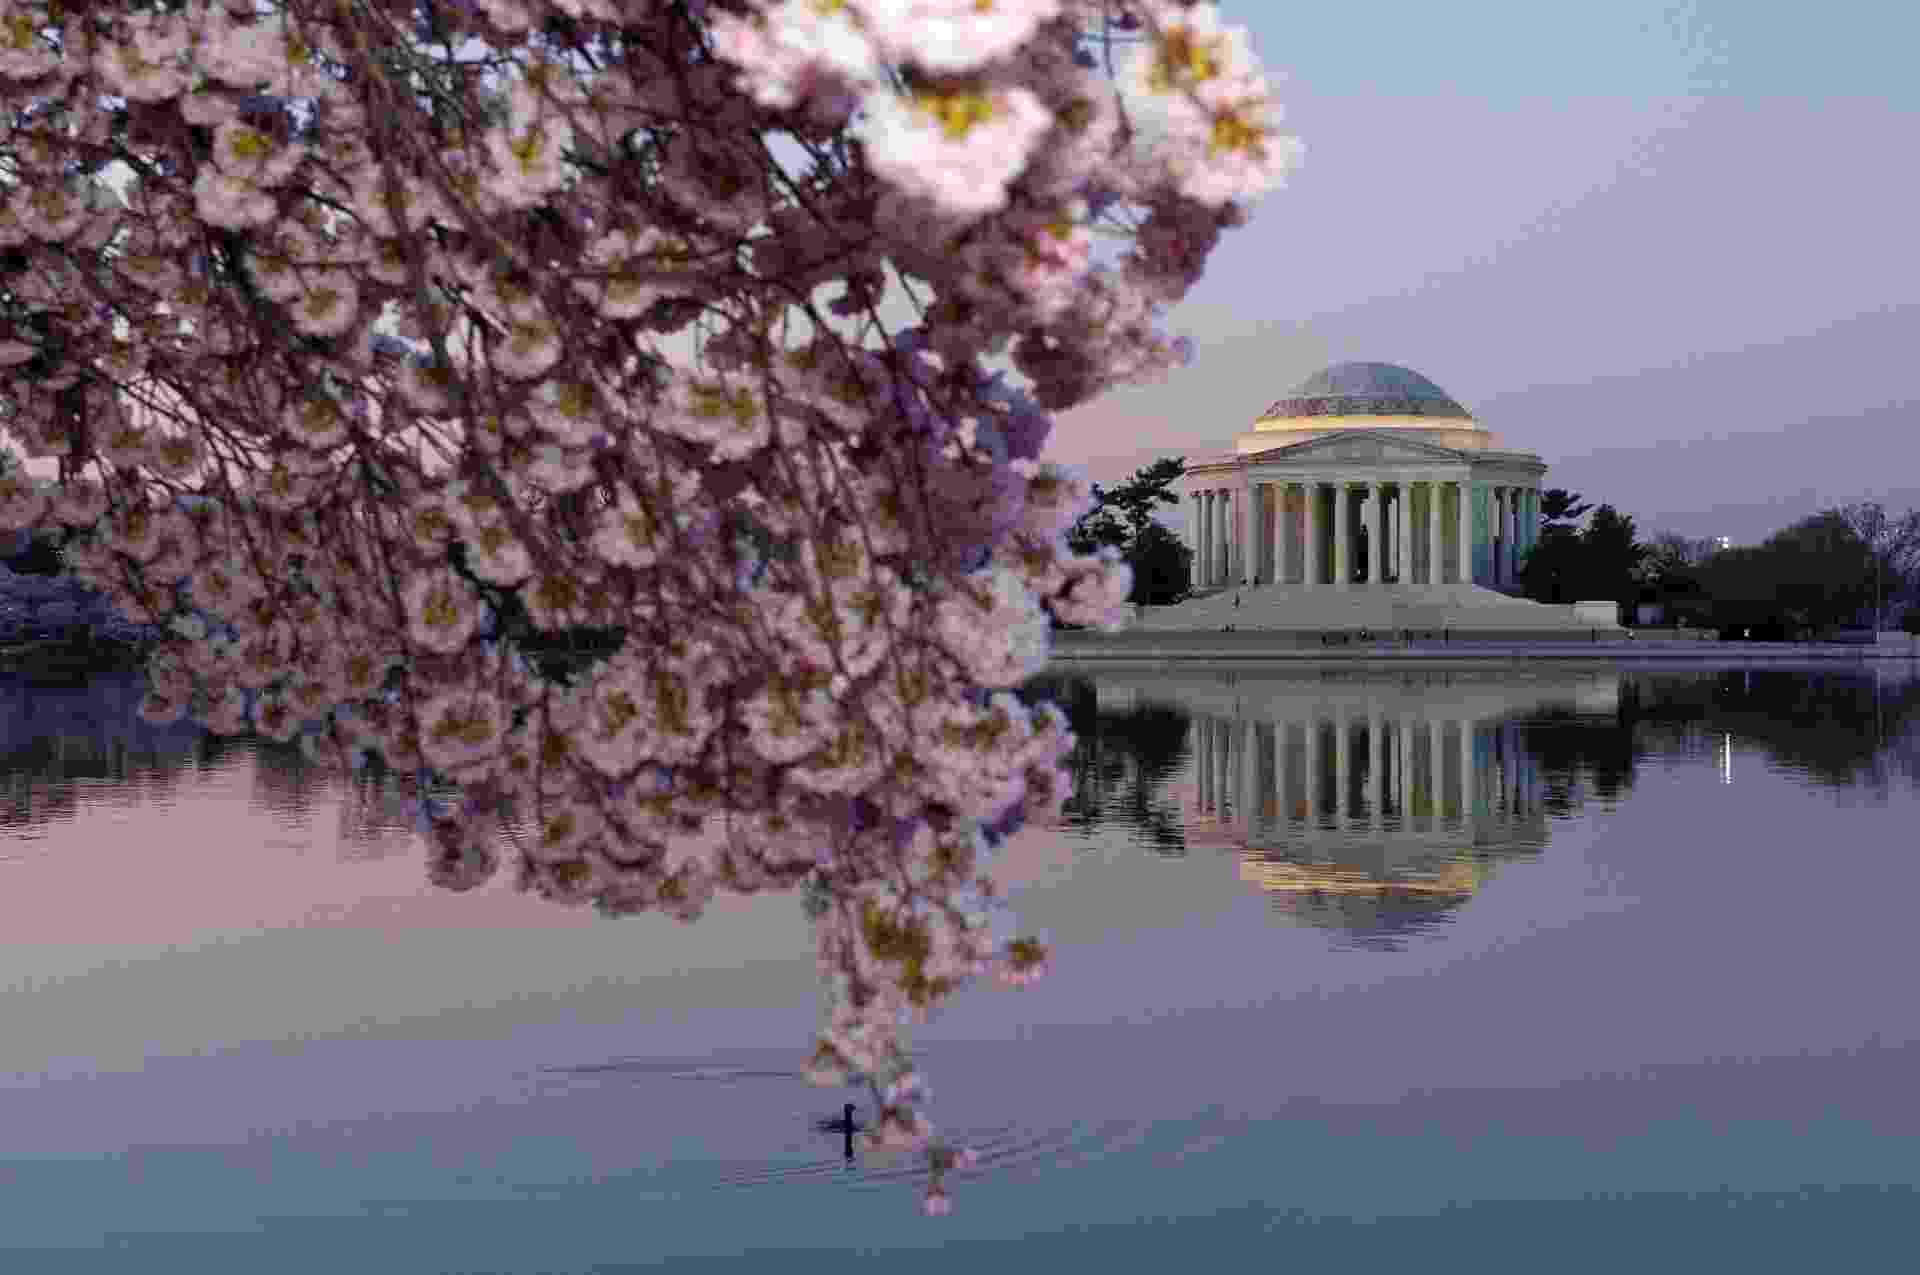 10.abr.2014 - Cerejeiras florescem perto do Jefferson Memorial, em Washington, nos EUA. As árvores devem chegar ao pico de florescimento nas próximas semanas. As primeiras cerejeiras do entorno do edifício foram plantadas em março de 1912 - Karen Bleier/AFP